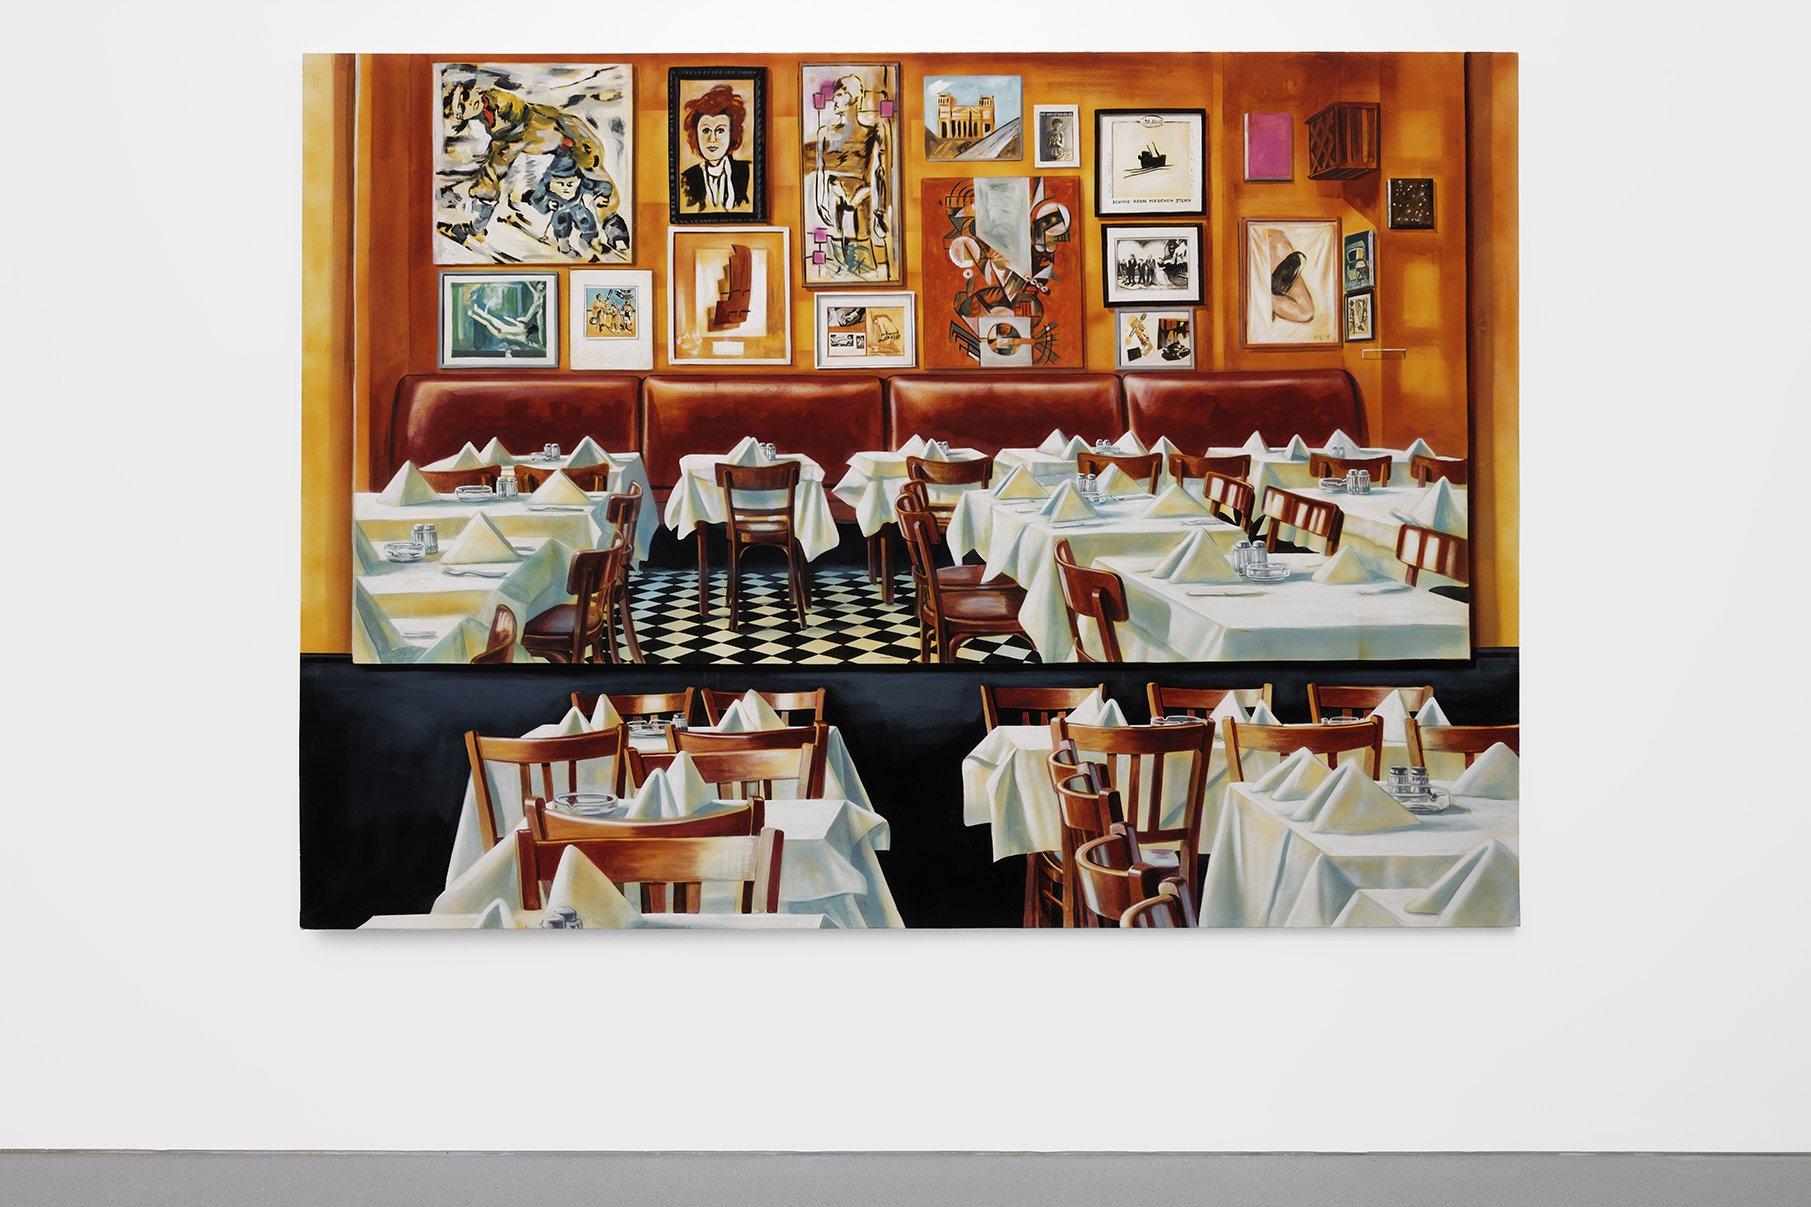 Bourse Museum Paris. Martin Kippenberger, Paris Bar, 1993, Bourse de Commerce - Pinault Collection, Paris, France.